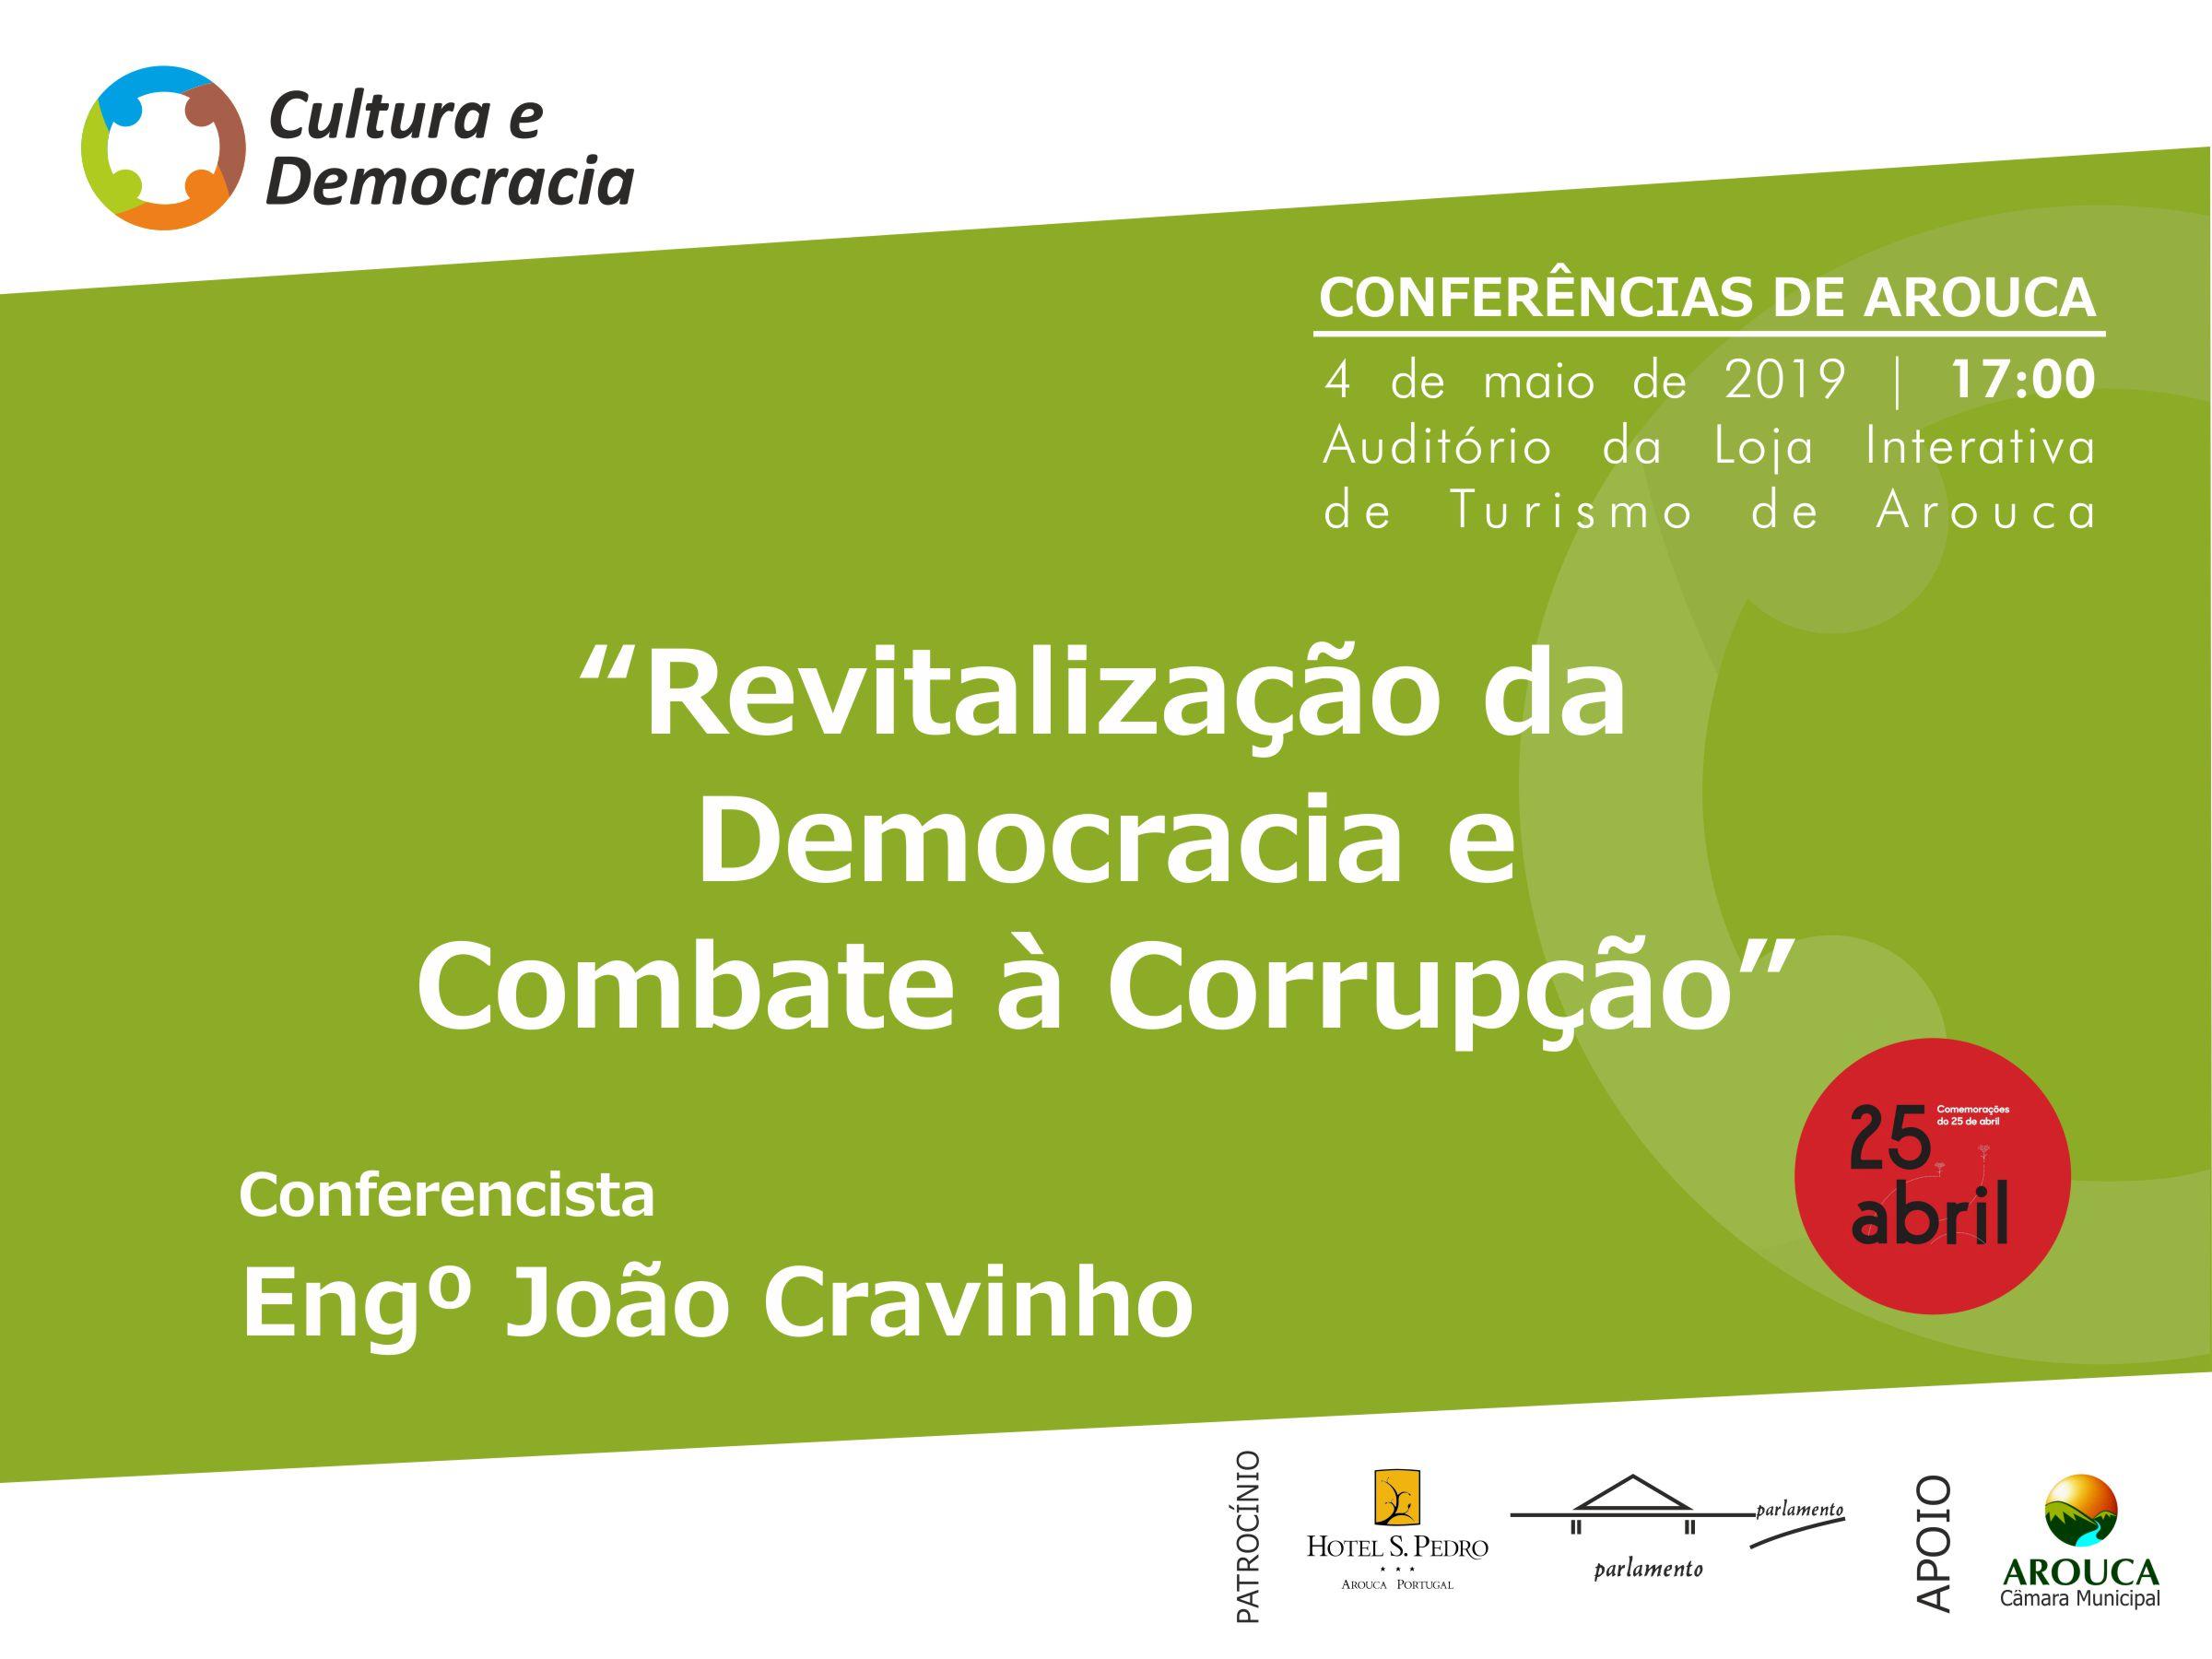 """""""Revitalização da Democracia e Combate à Corrupção"""" é a próxima 'Conferência de Arouca'"""